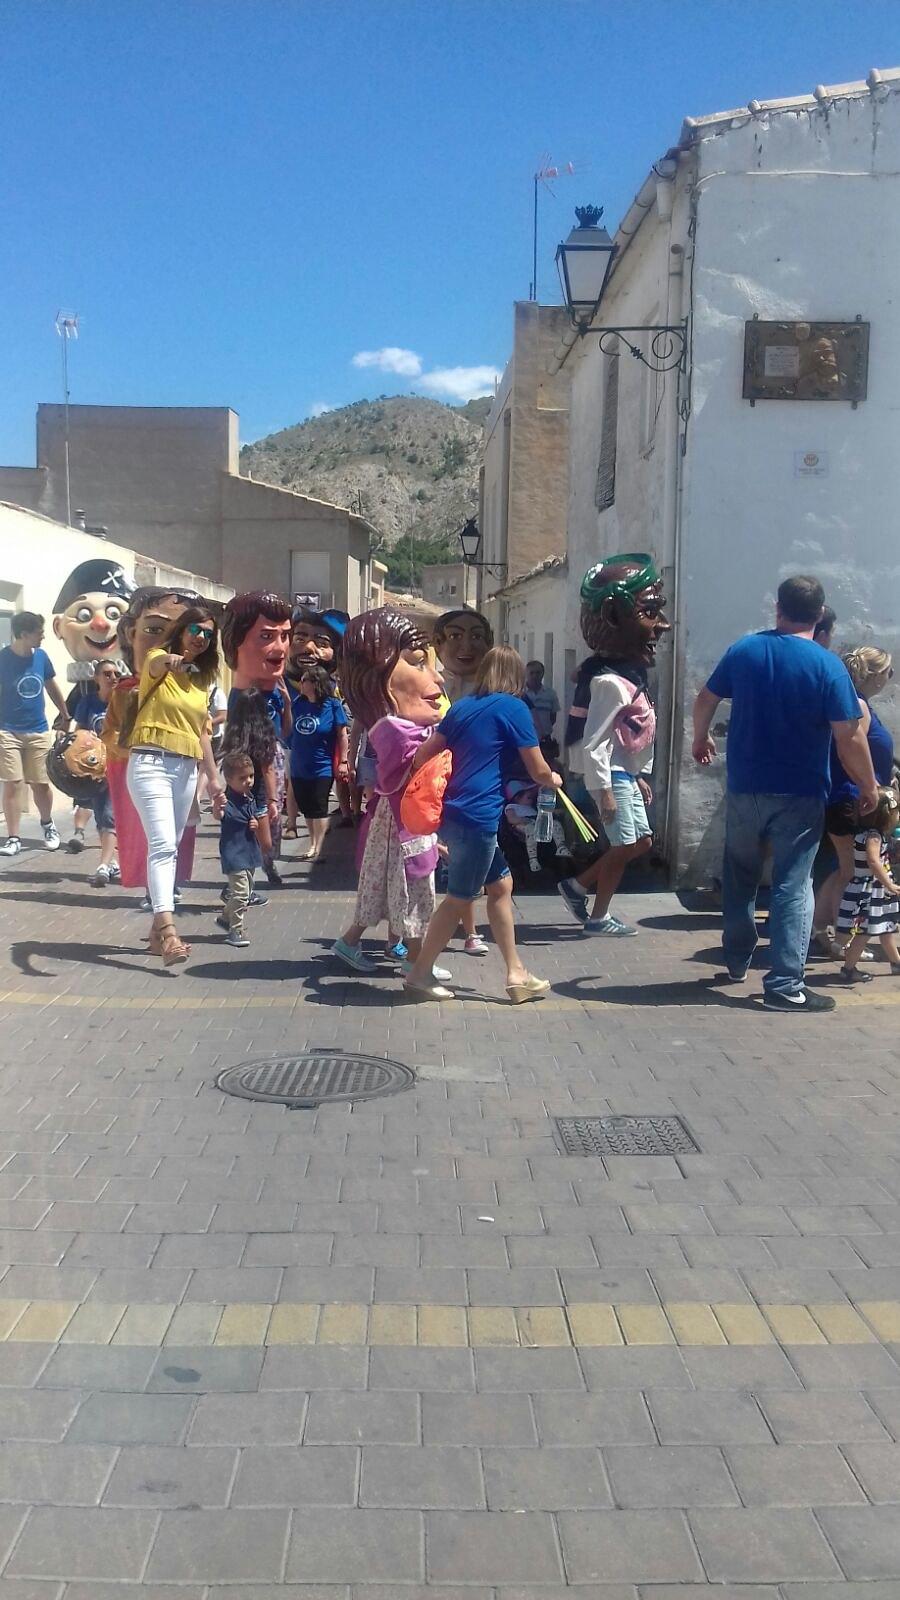 (2017-07-02) Pasacalle Gent de Nanos & Colla El Terròs -  Sergio Pérez (08)